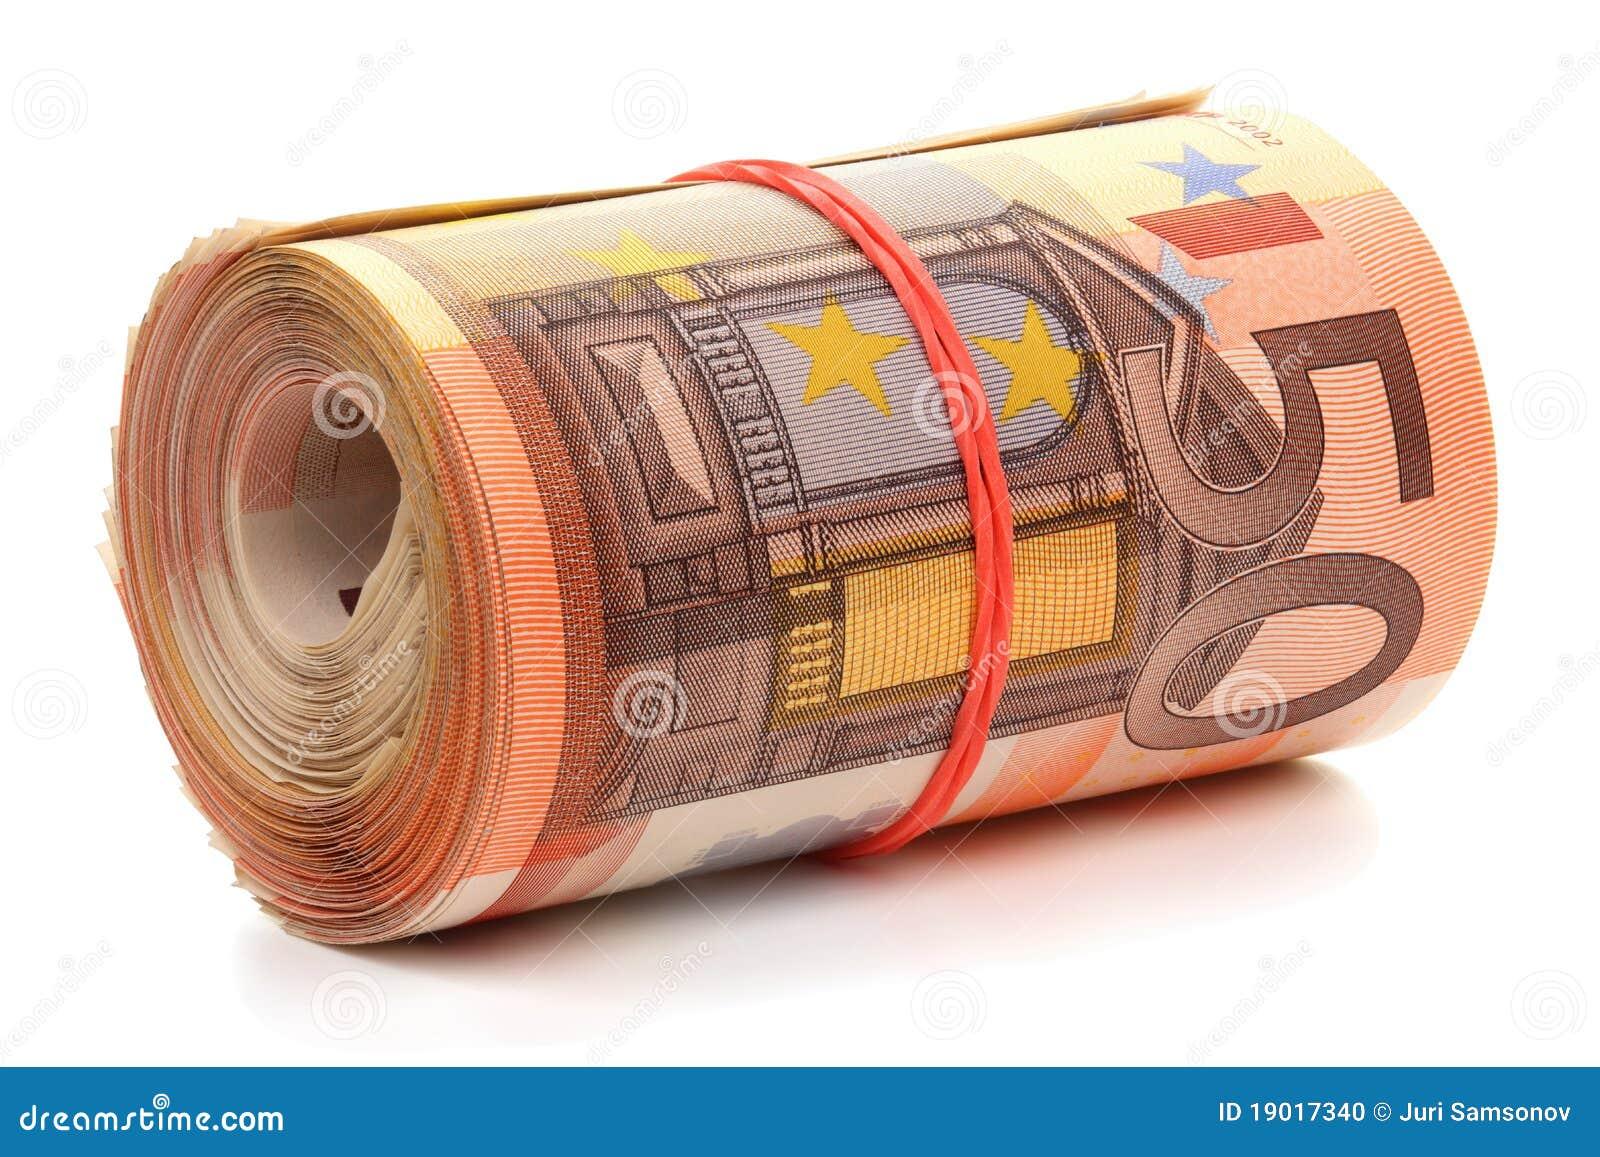 rouleau de cinquante euro billets de banque photo stock image 19017340. Black Bedroom Furniture Sets. Home Design Ideas